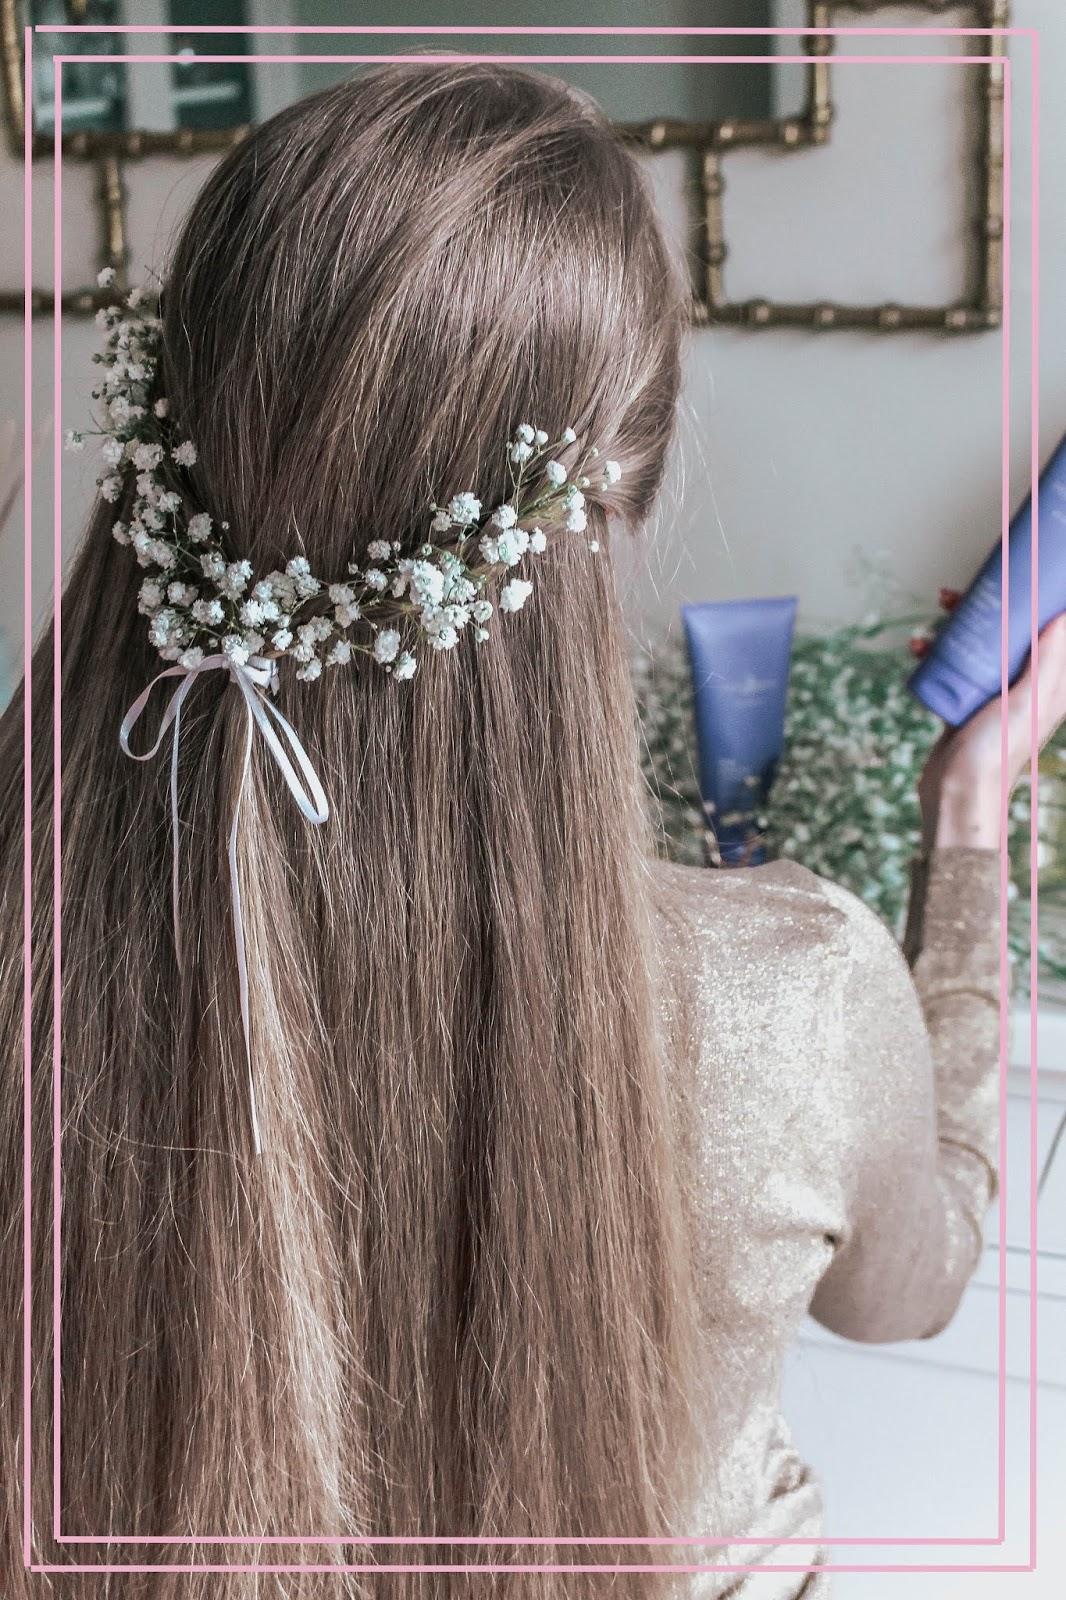 Gypsophila Long Hair Crown Braid